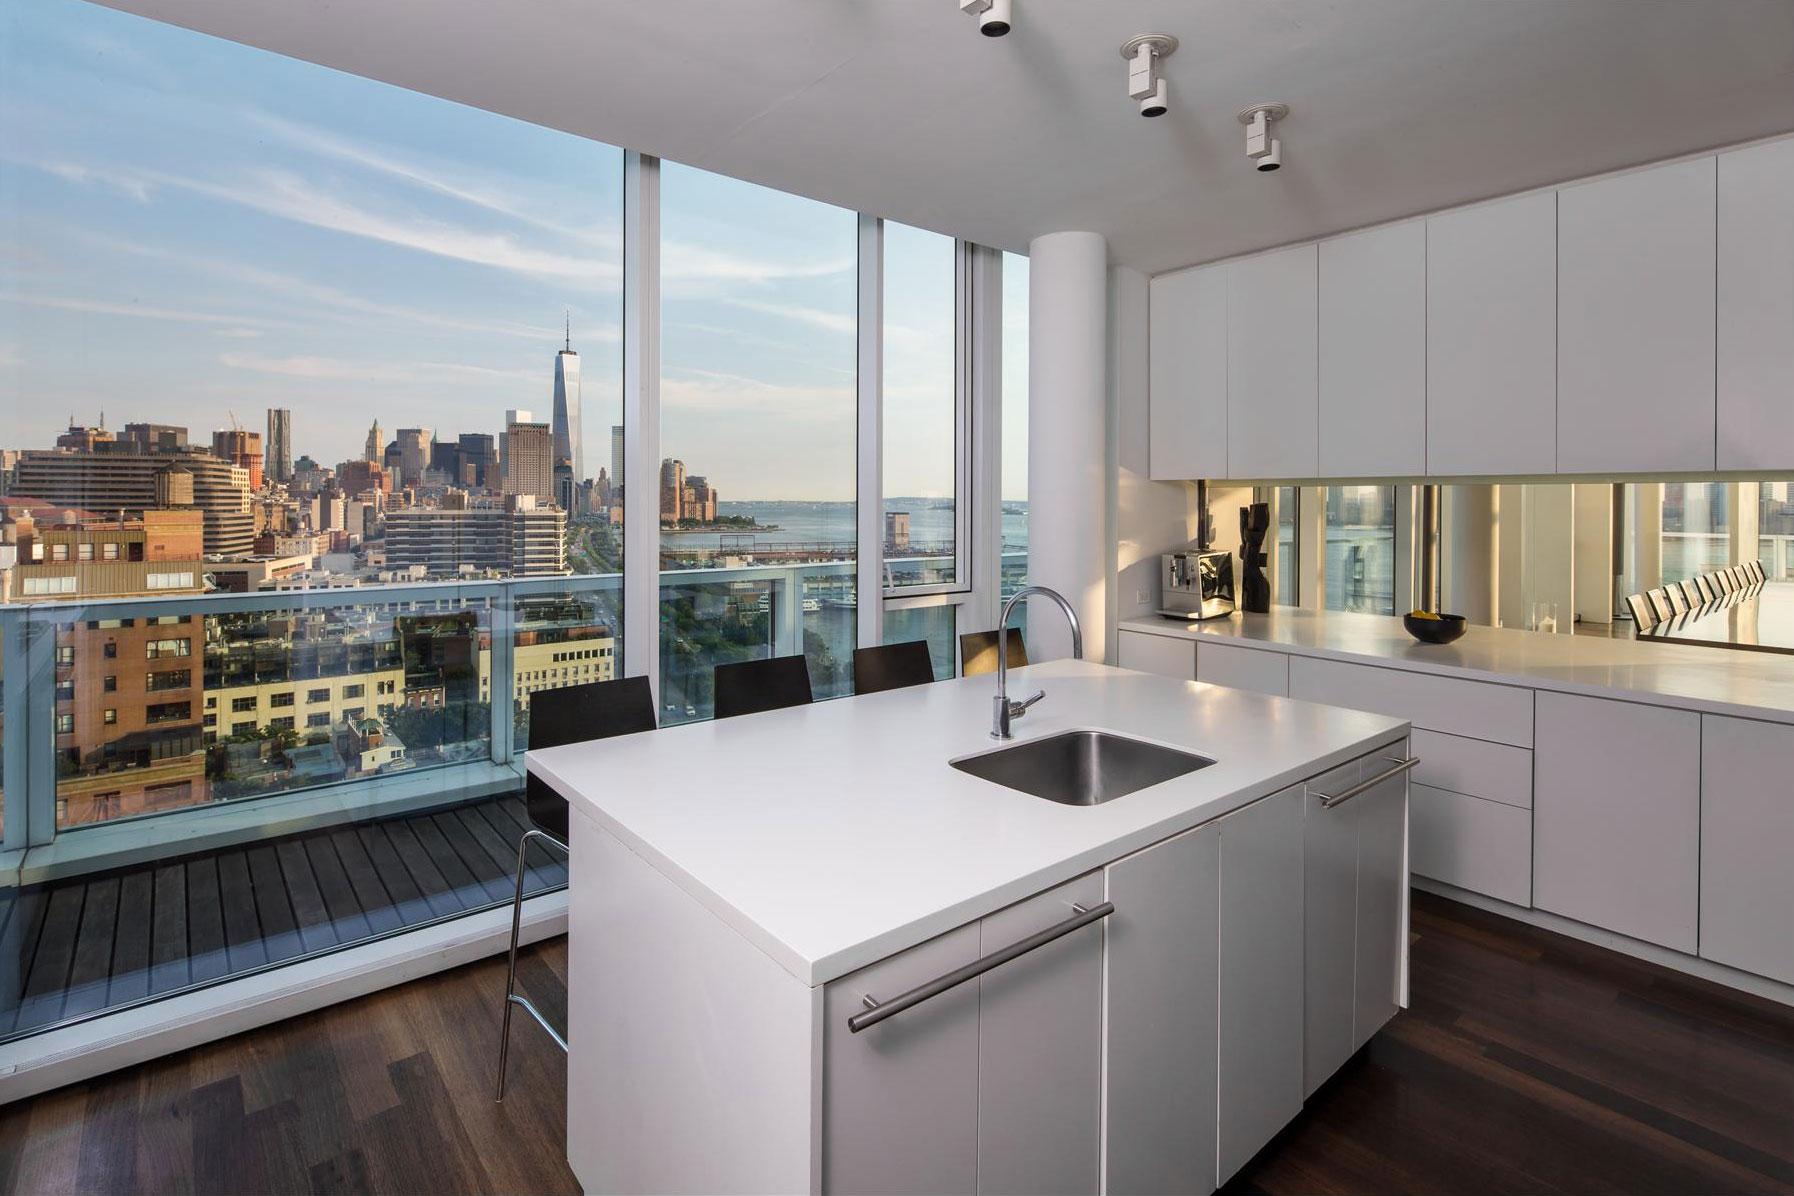 White Kitchen, Dark Wood Flooring, Apartment in Manhattan